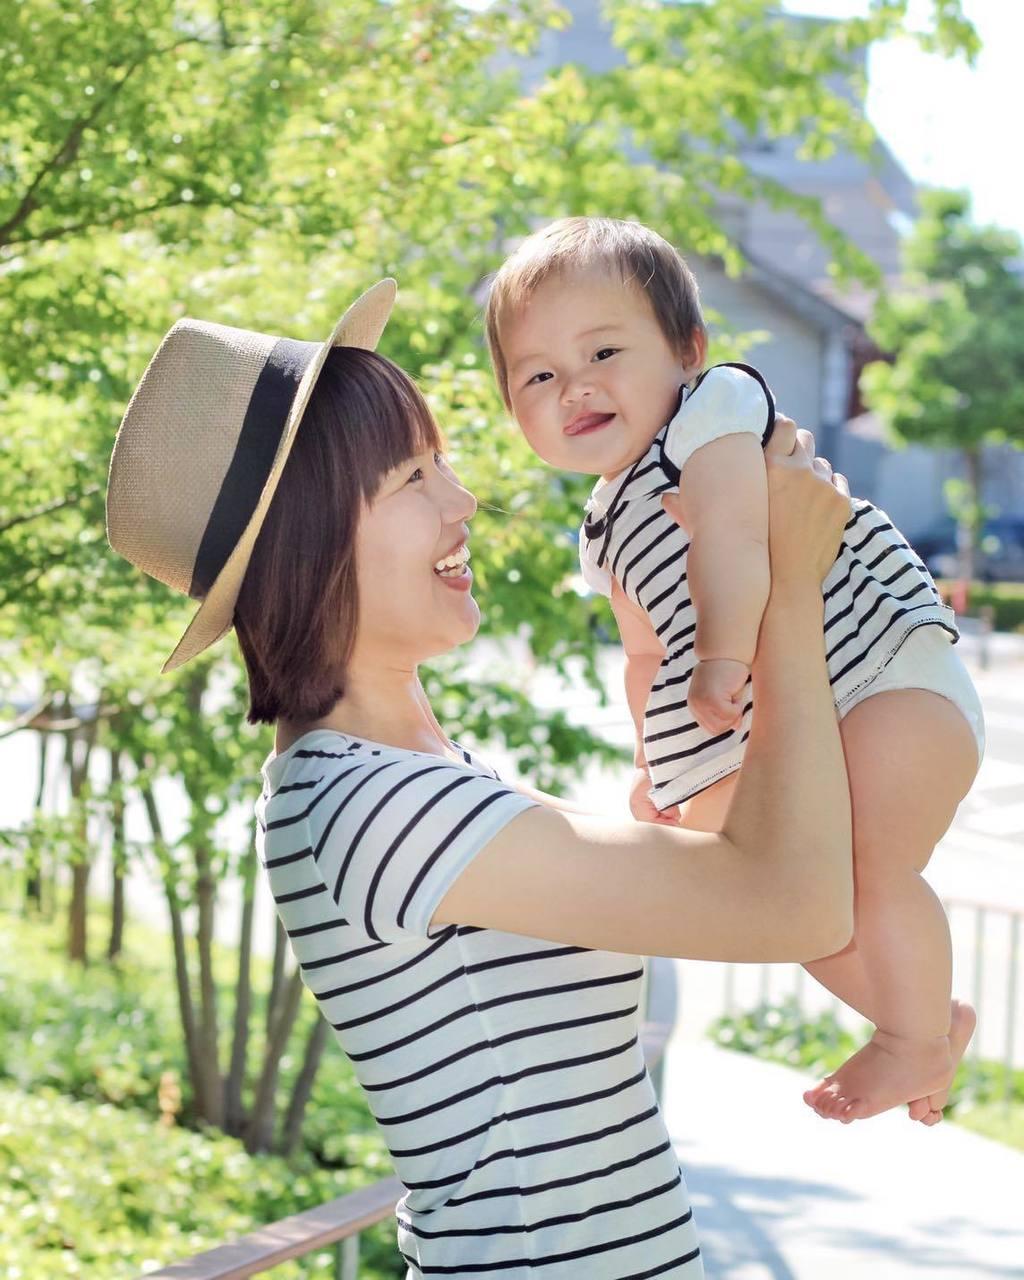 0歳1歳の赤ちゃんの関わり方 & お家で簡単にできる100円知育遊び